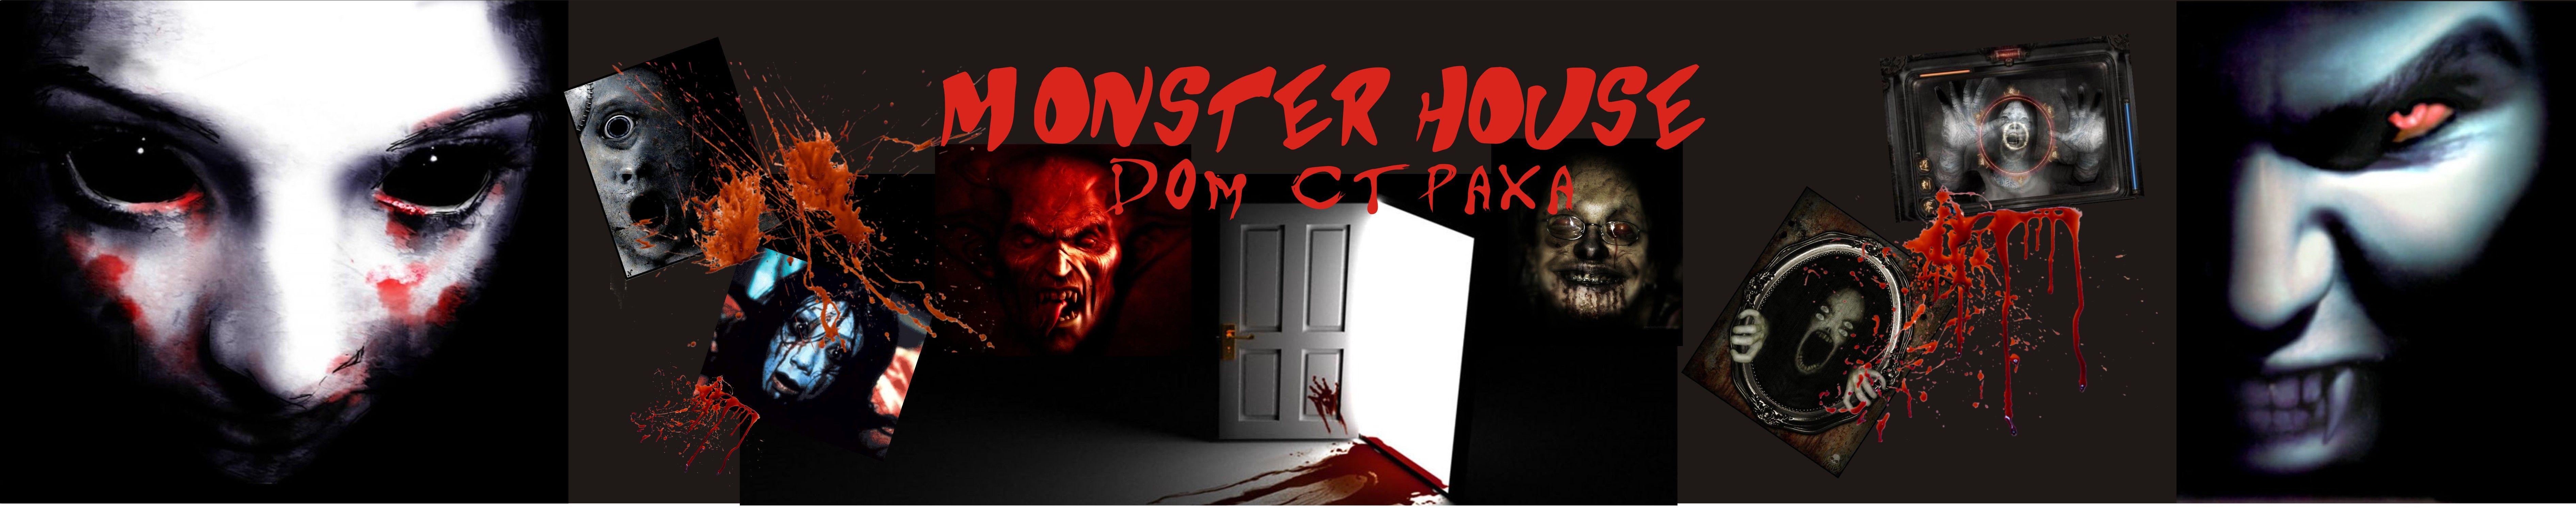 Рекламный баннер для комнаты страха - дизайнер Tadana_88